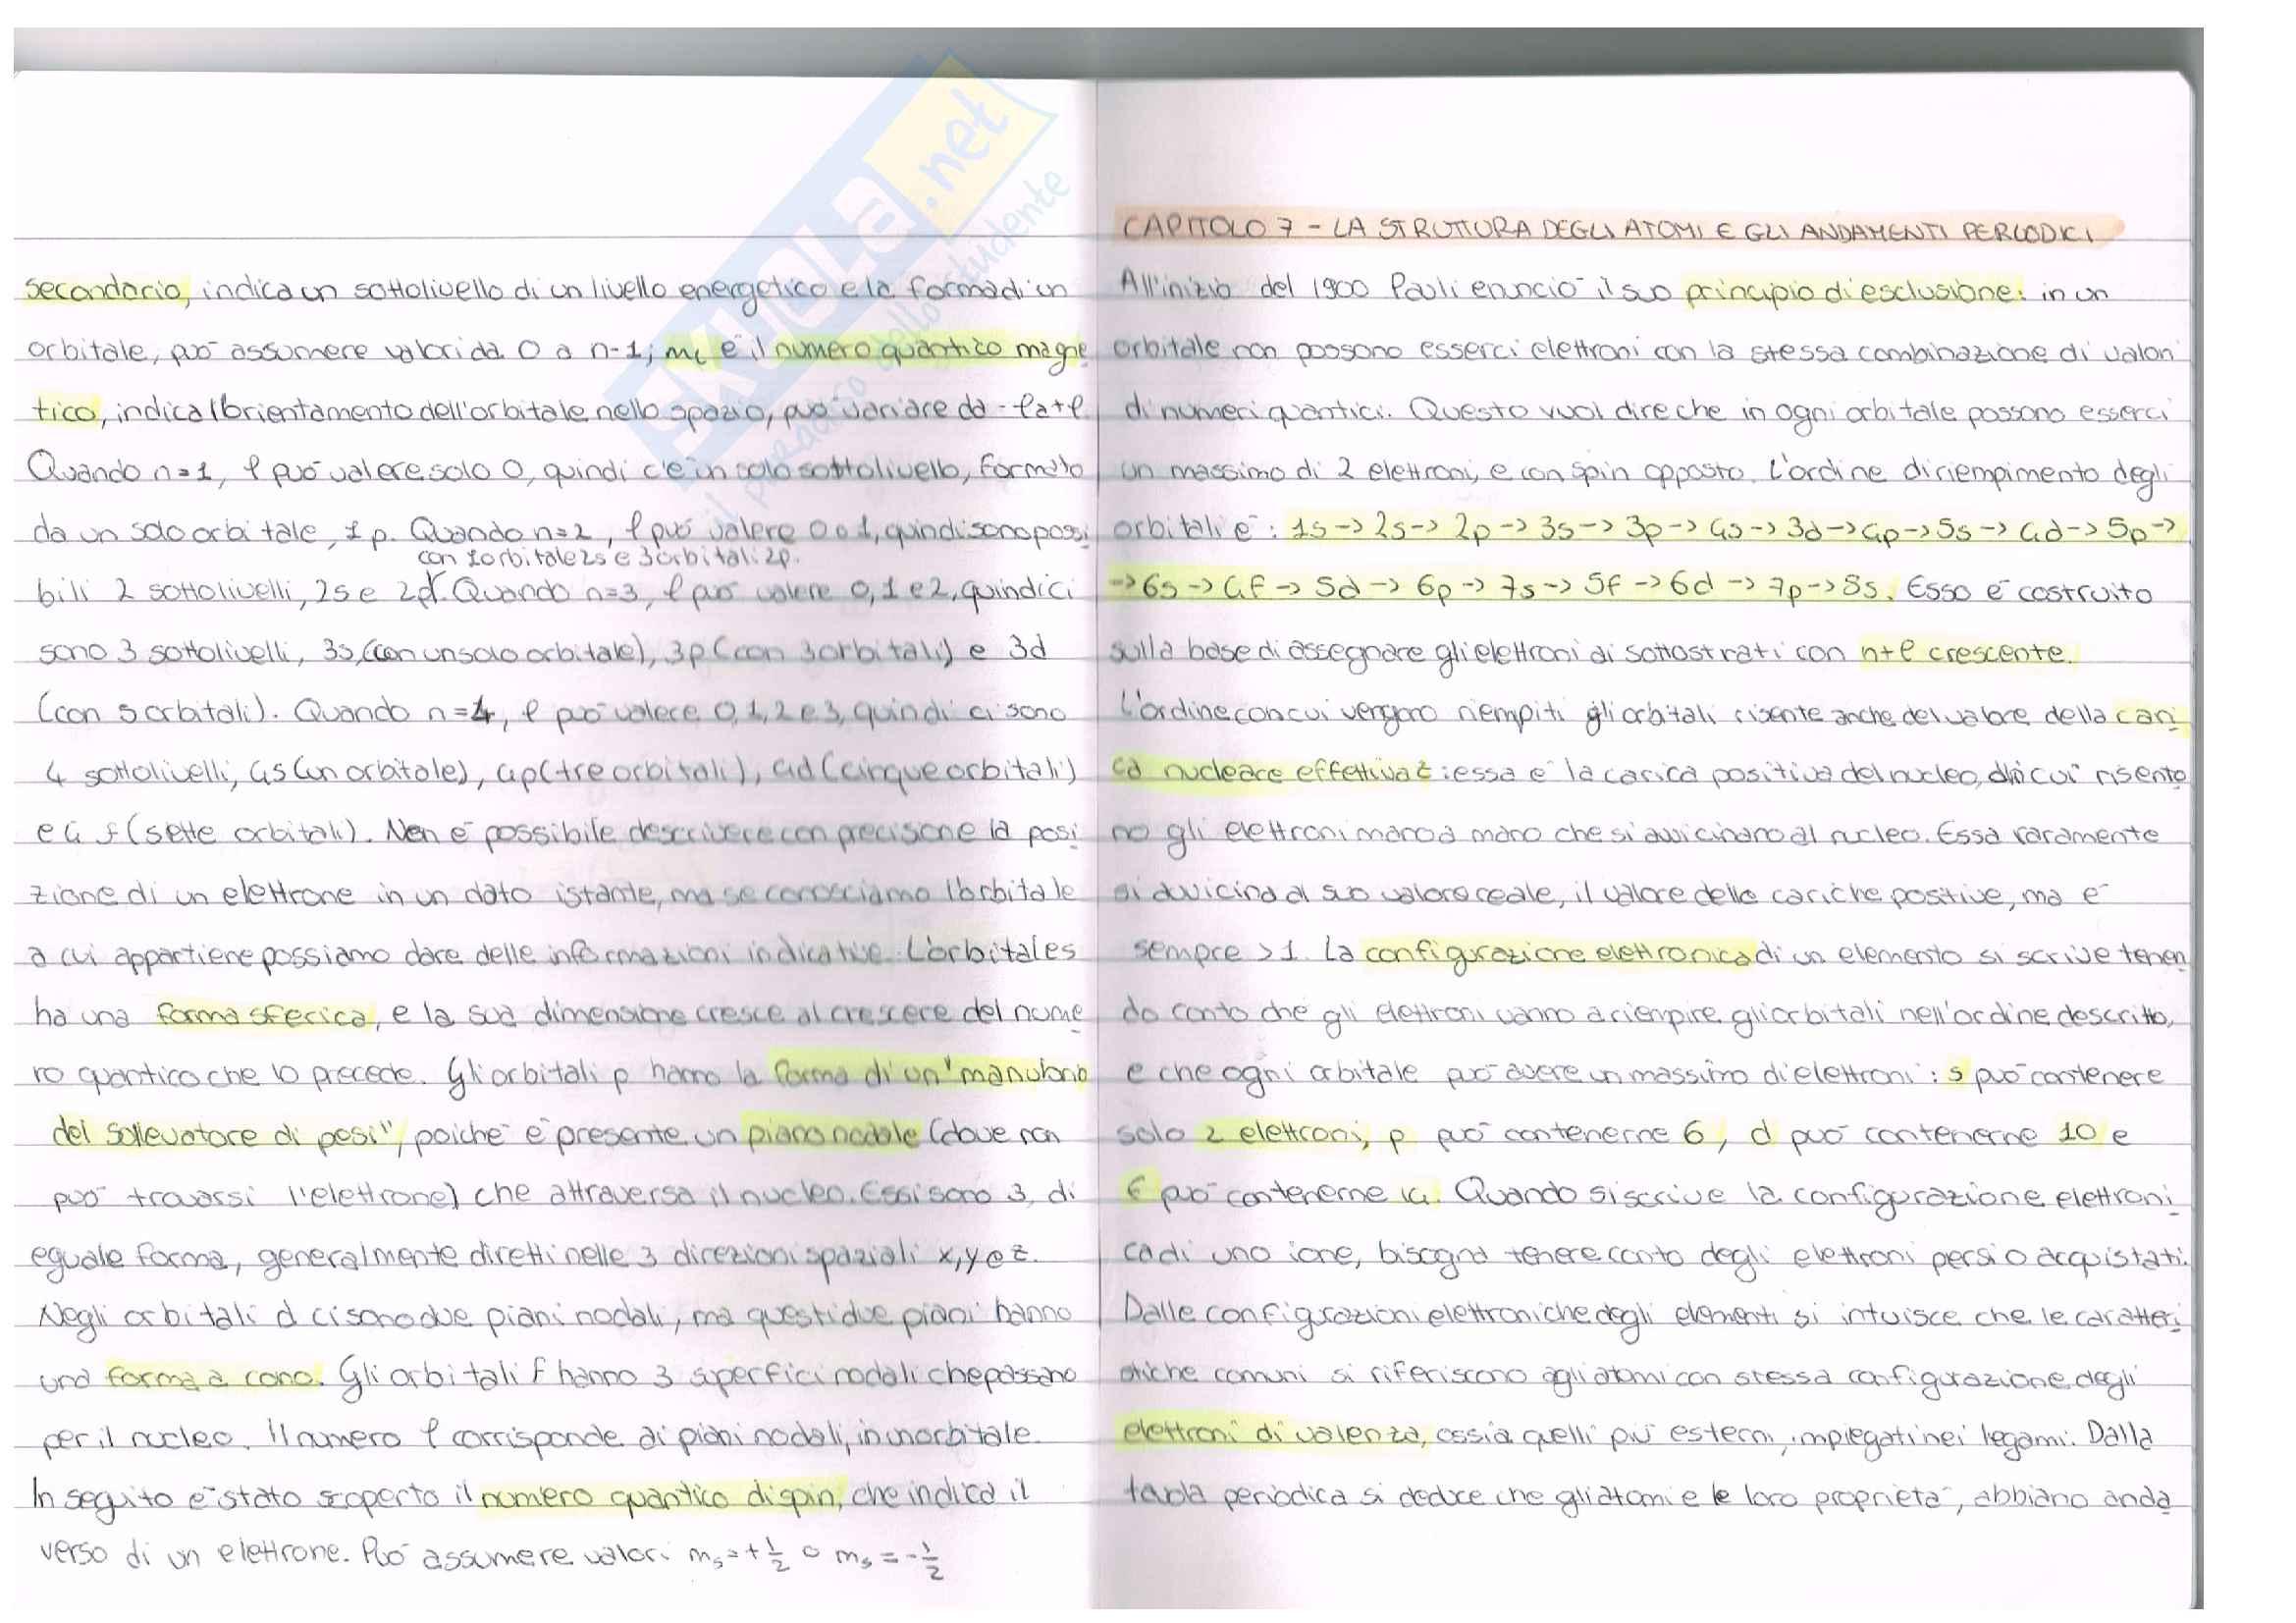 Appunti esame chimica inorganica, prof. Ugo Caruso, libro consigliato Chimica, Kotz Pag. 11